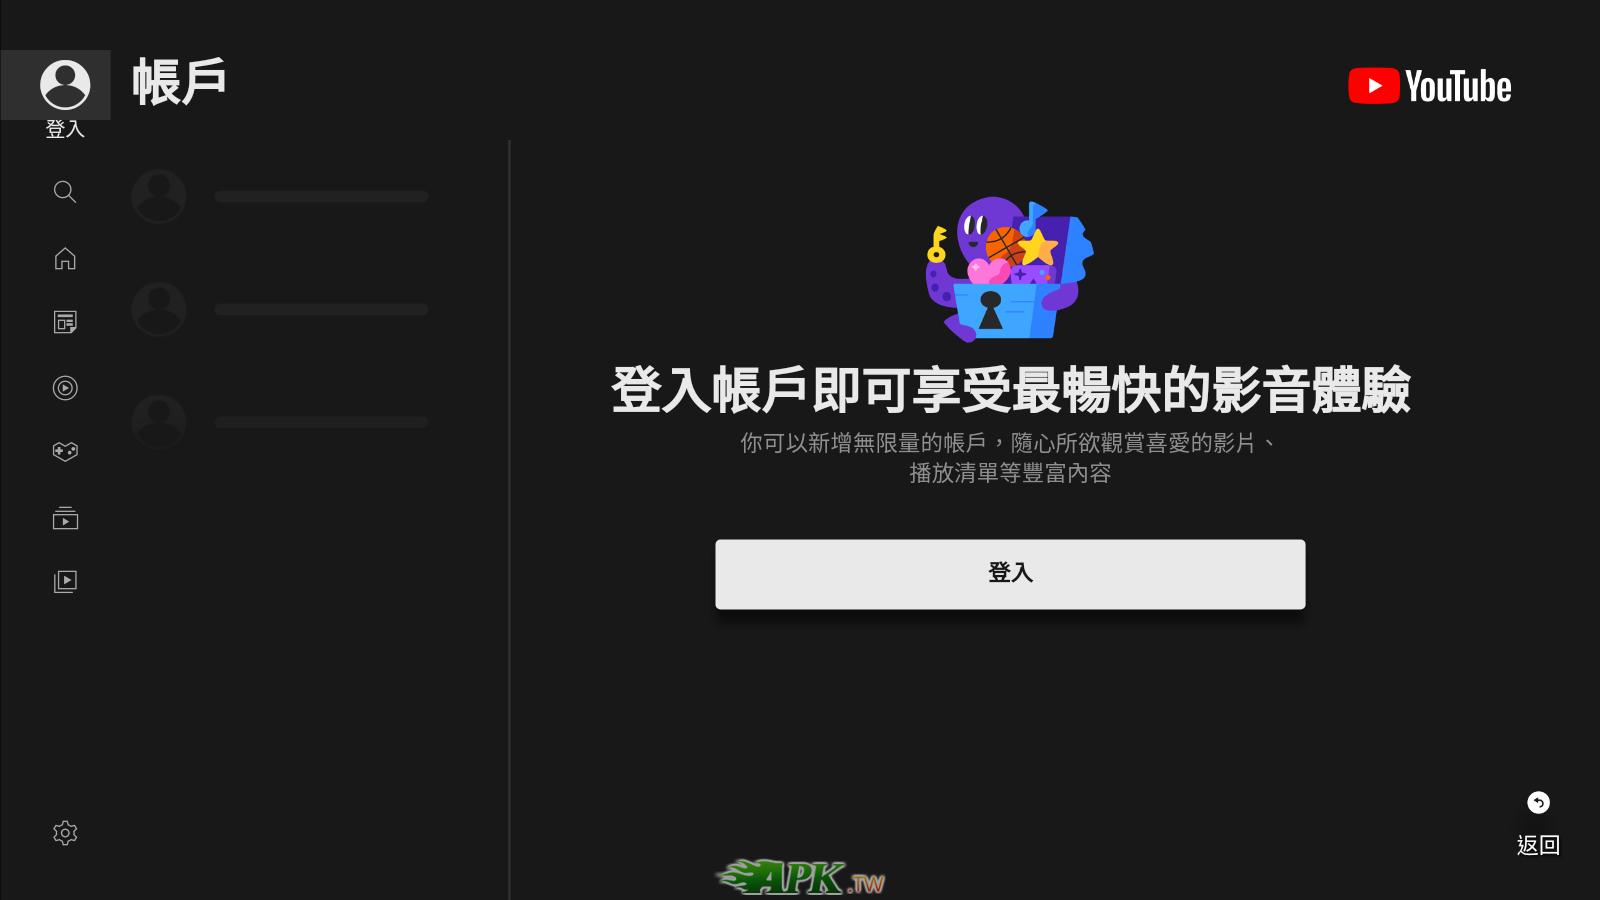 com.liskovsoft.videomanager_Screenshot_2021.01.08_18.55.15.jpeg